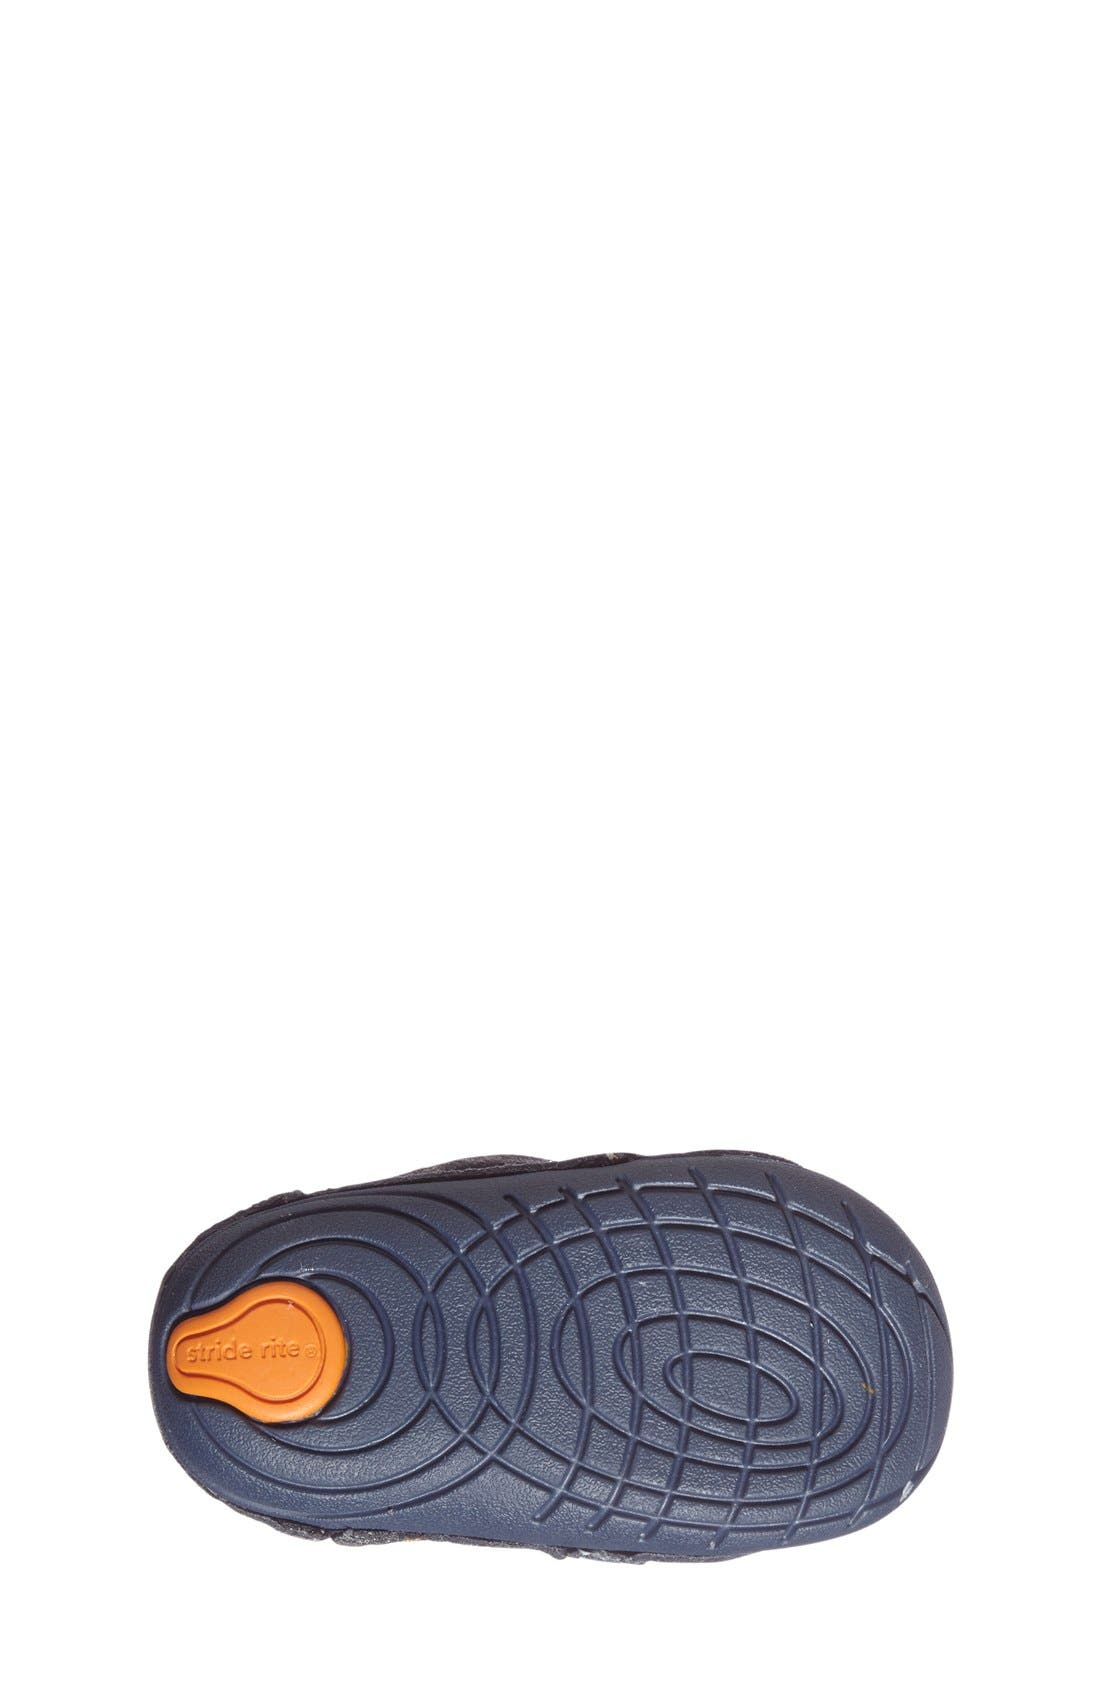 Alternate Image 4  - Stride Rite Soft Motion Kellen Sneaker (Baby & Walker)